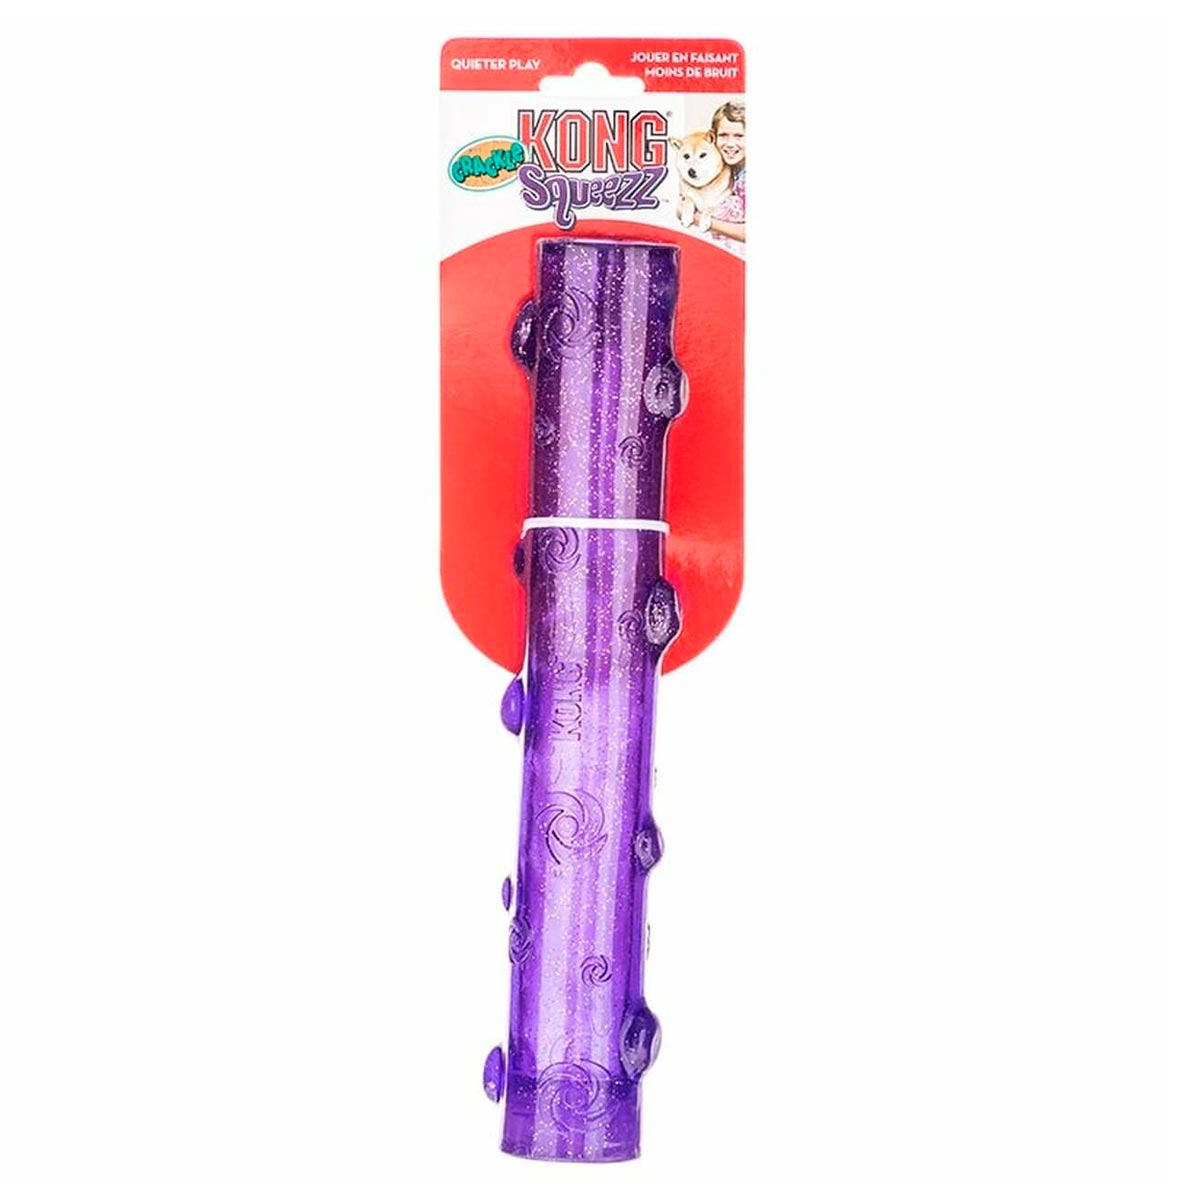 Brinquedo Bastao Kong Squeezz Crackle com Som Crocante Roxo